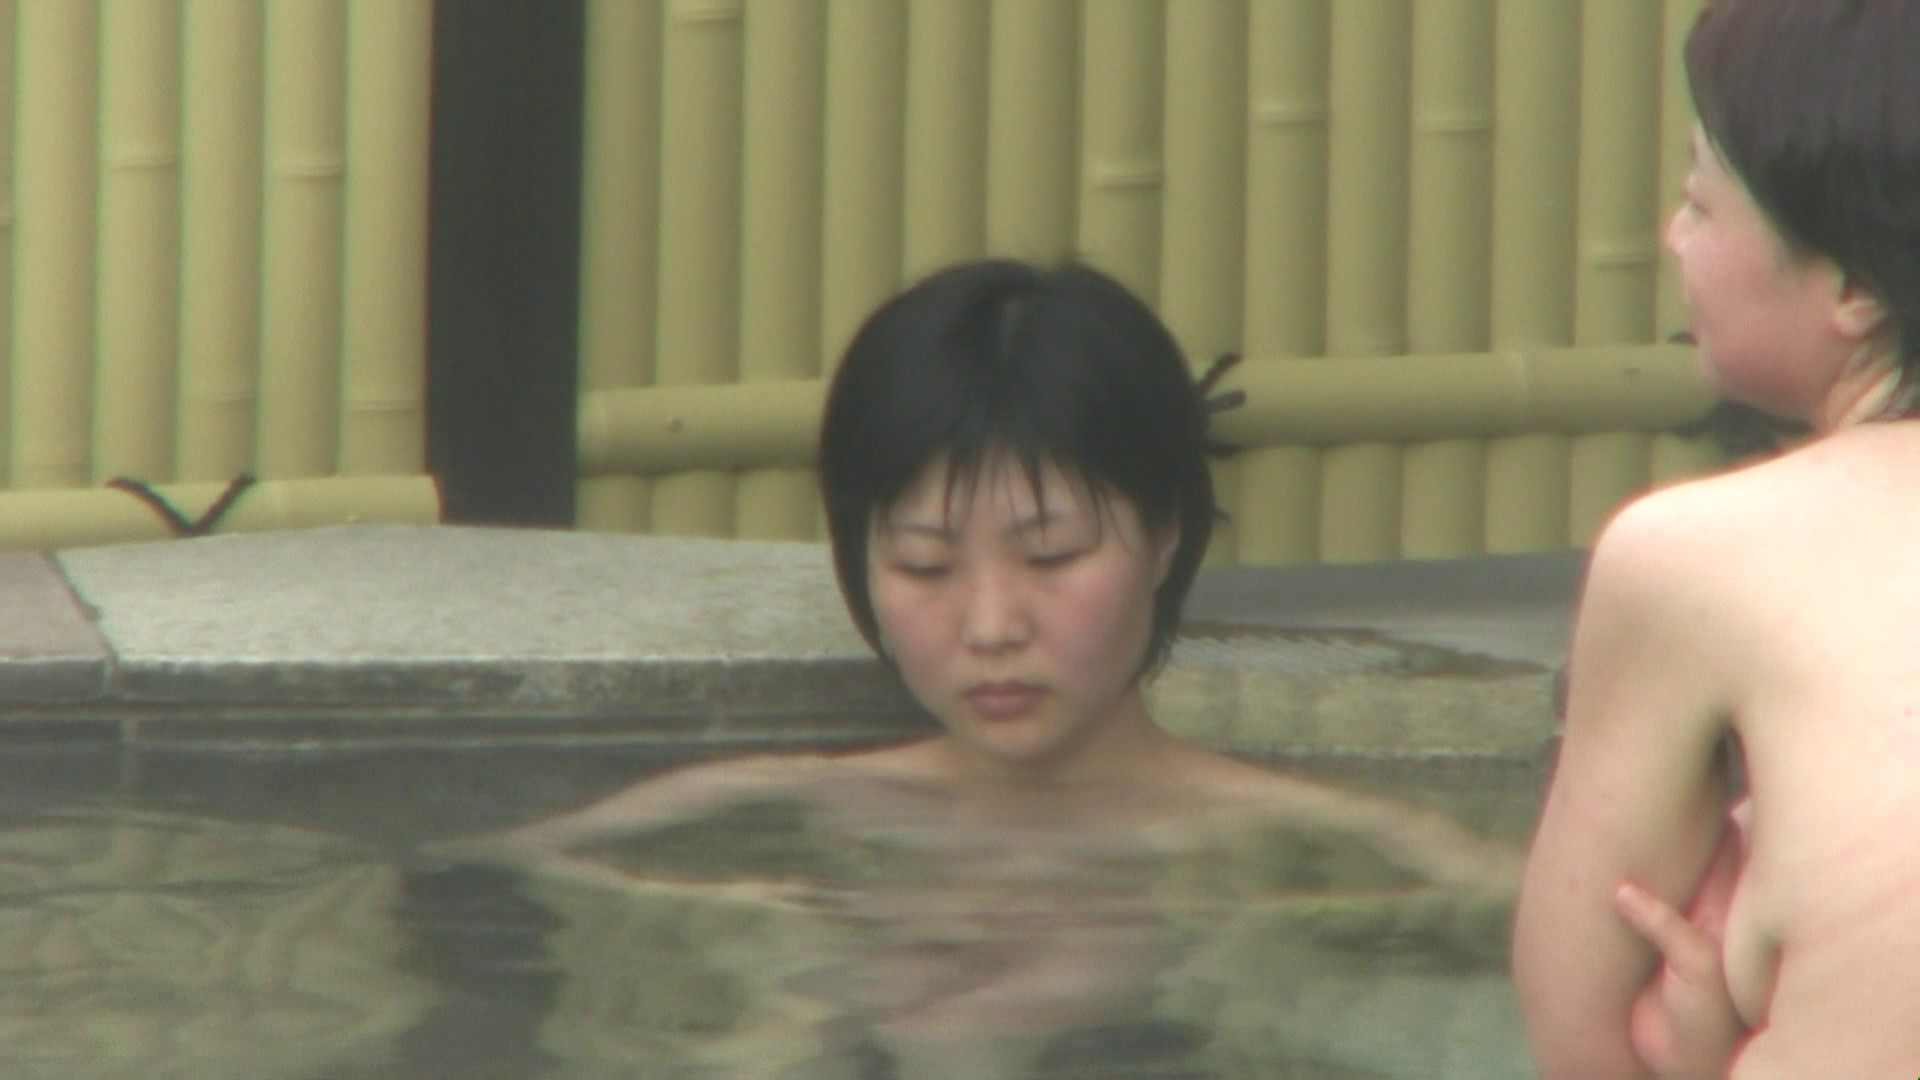 Aquaな露天風呂Vol.74【VIP限定】 盗撮  79枚 63